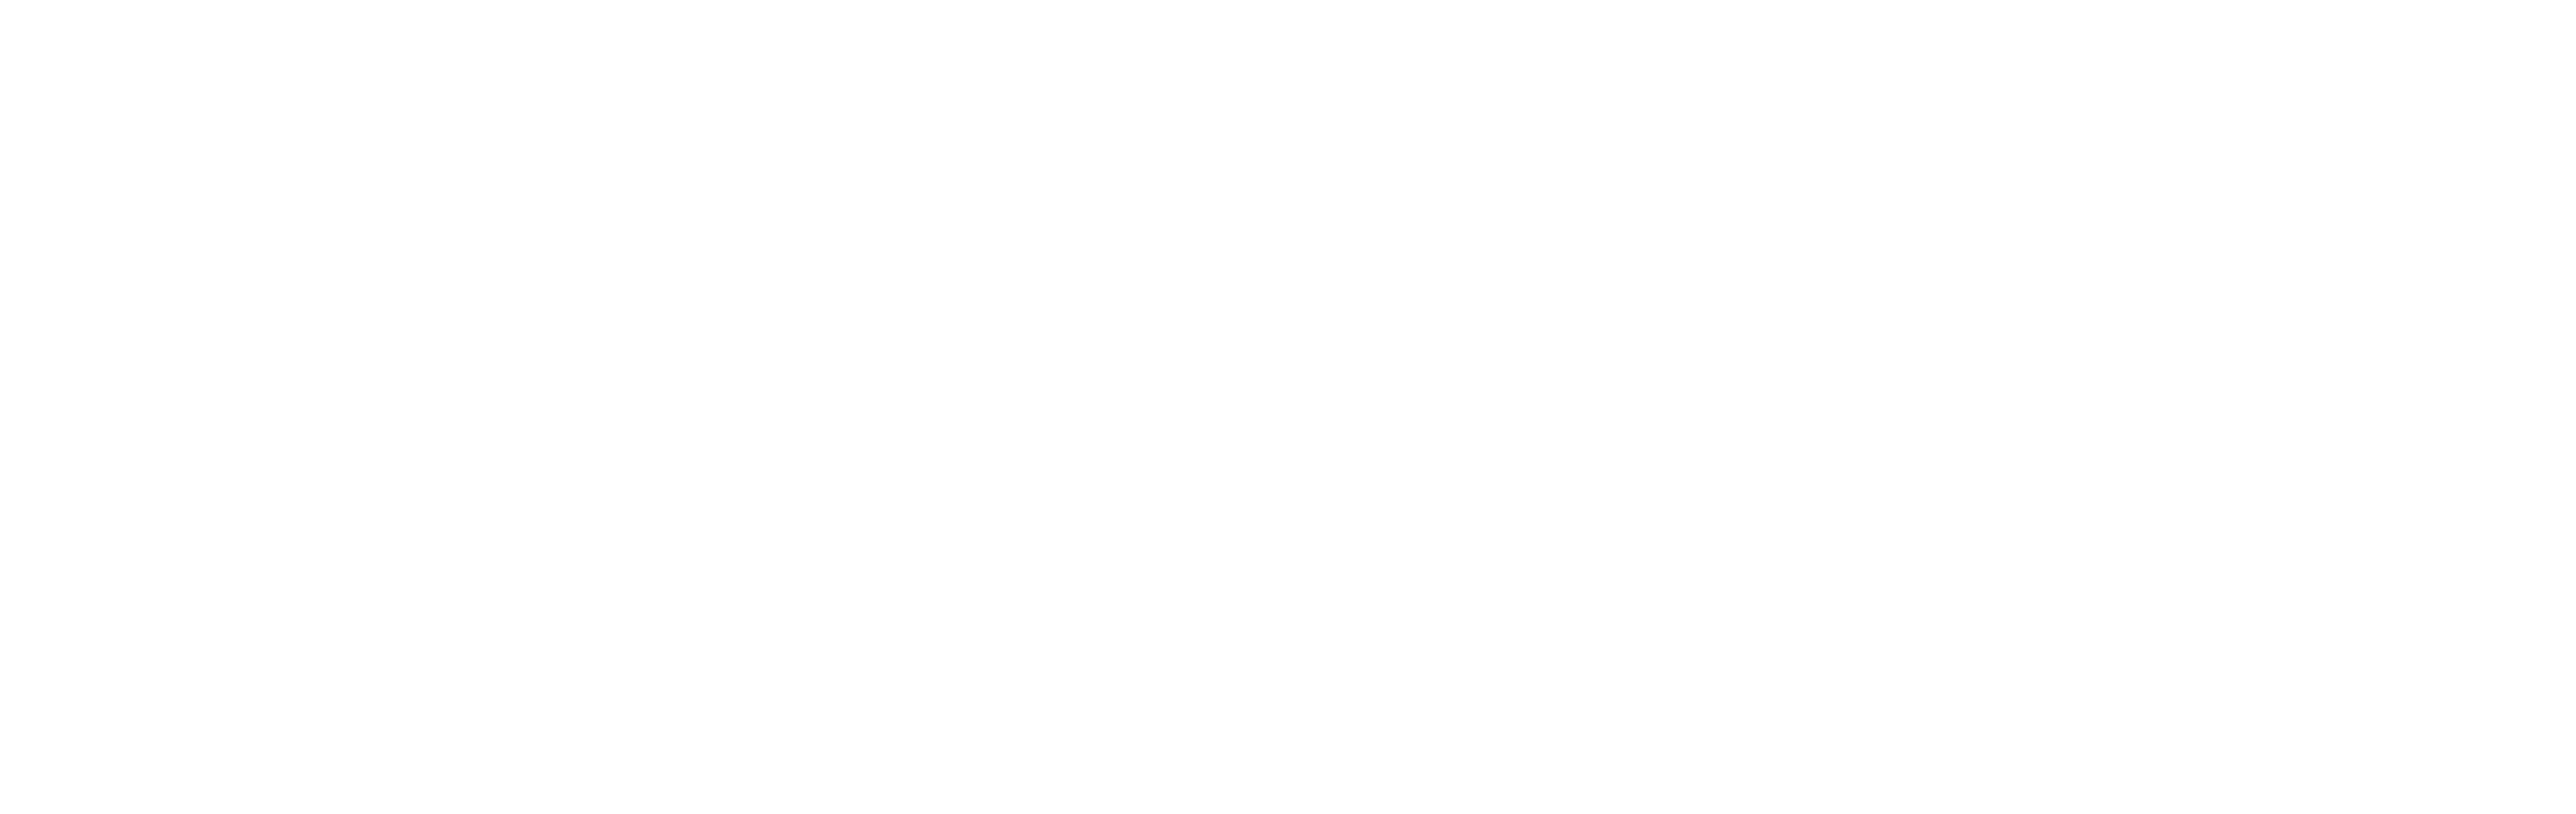 Ferrovie Nord Milano (FNM) Società per Azioni (S.p.A.)